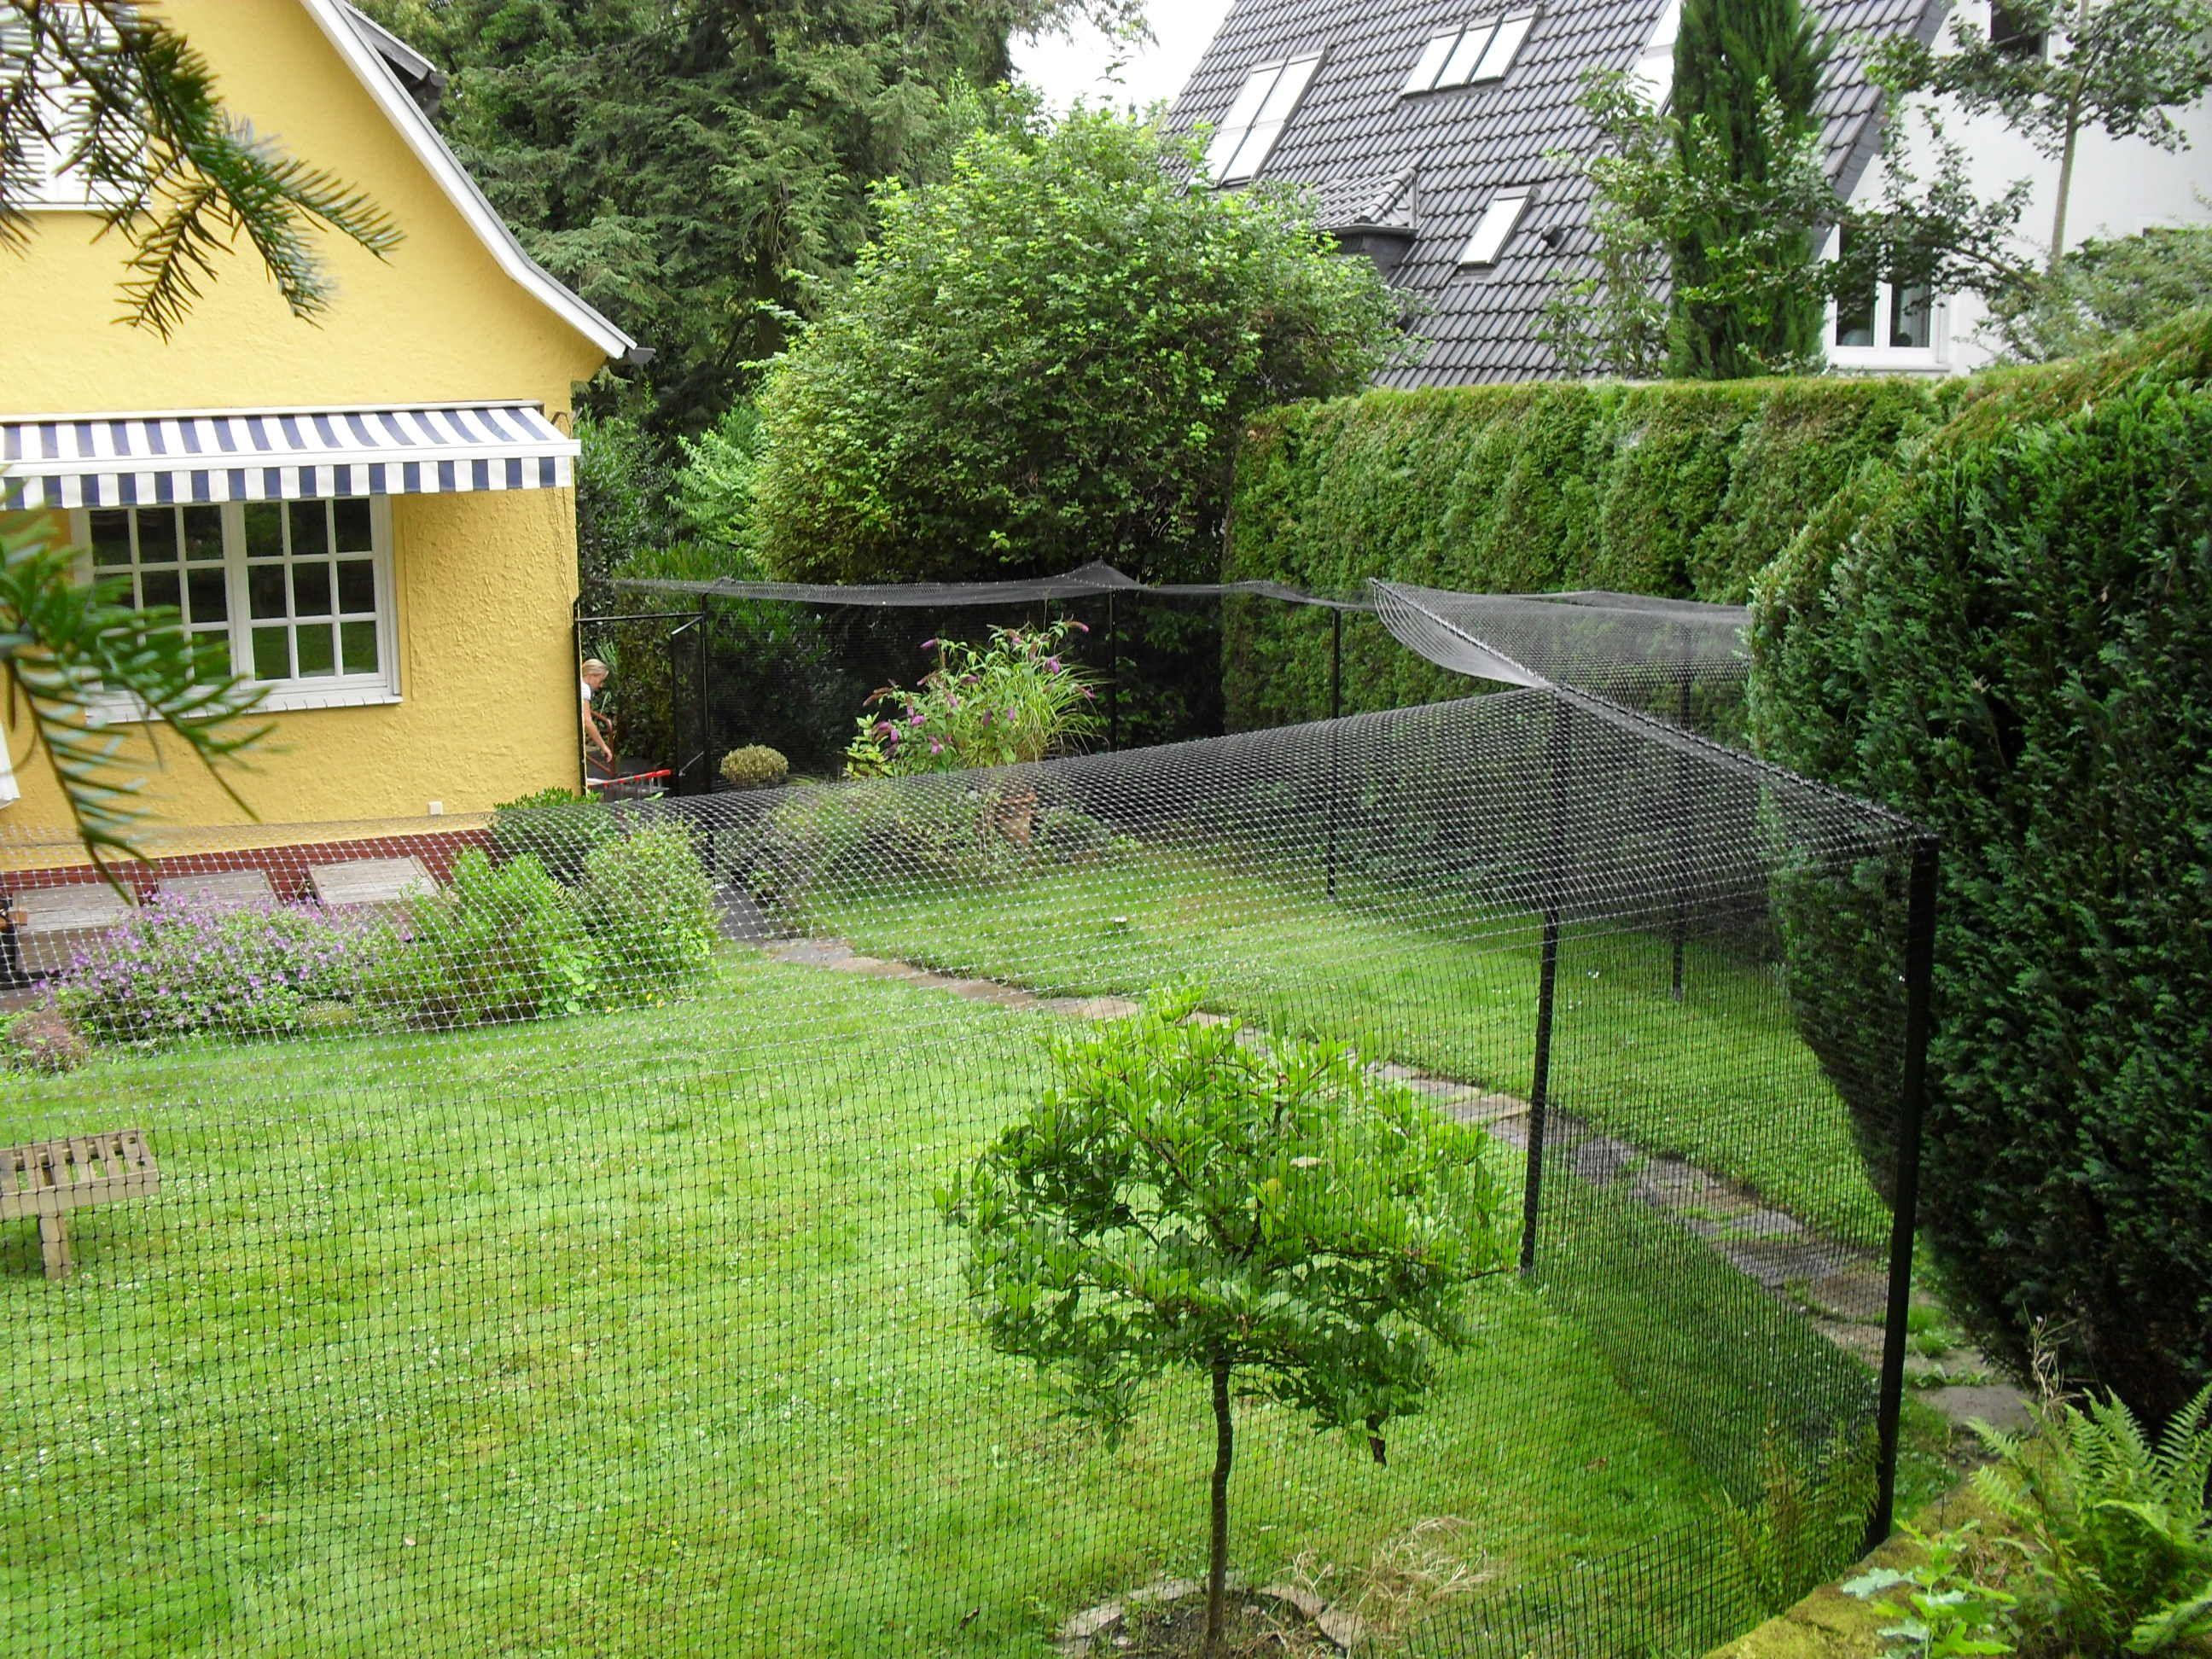 katzengehege system zur gartensicherung | nice yard | pinterest